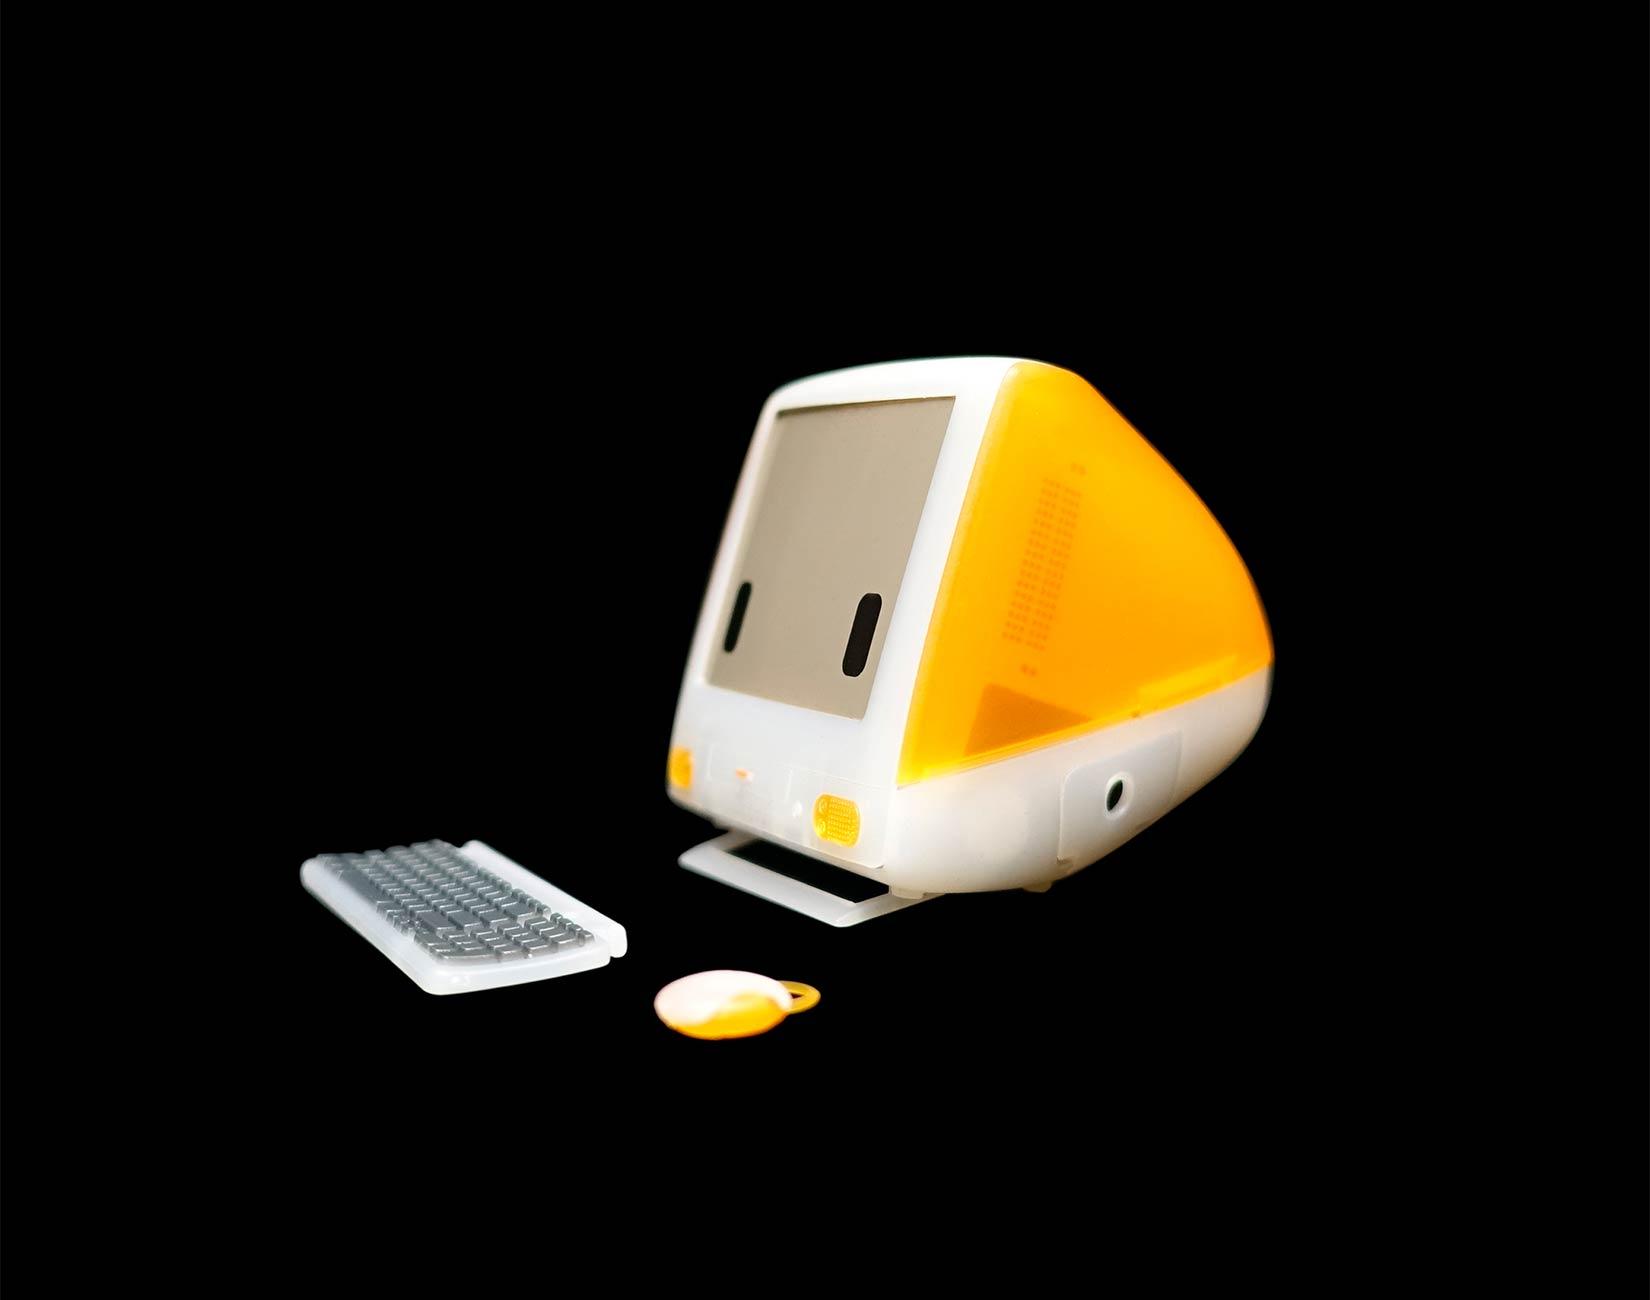 iBot G3, versão de brinquedo do iMac G3